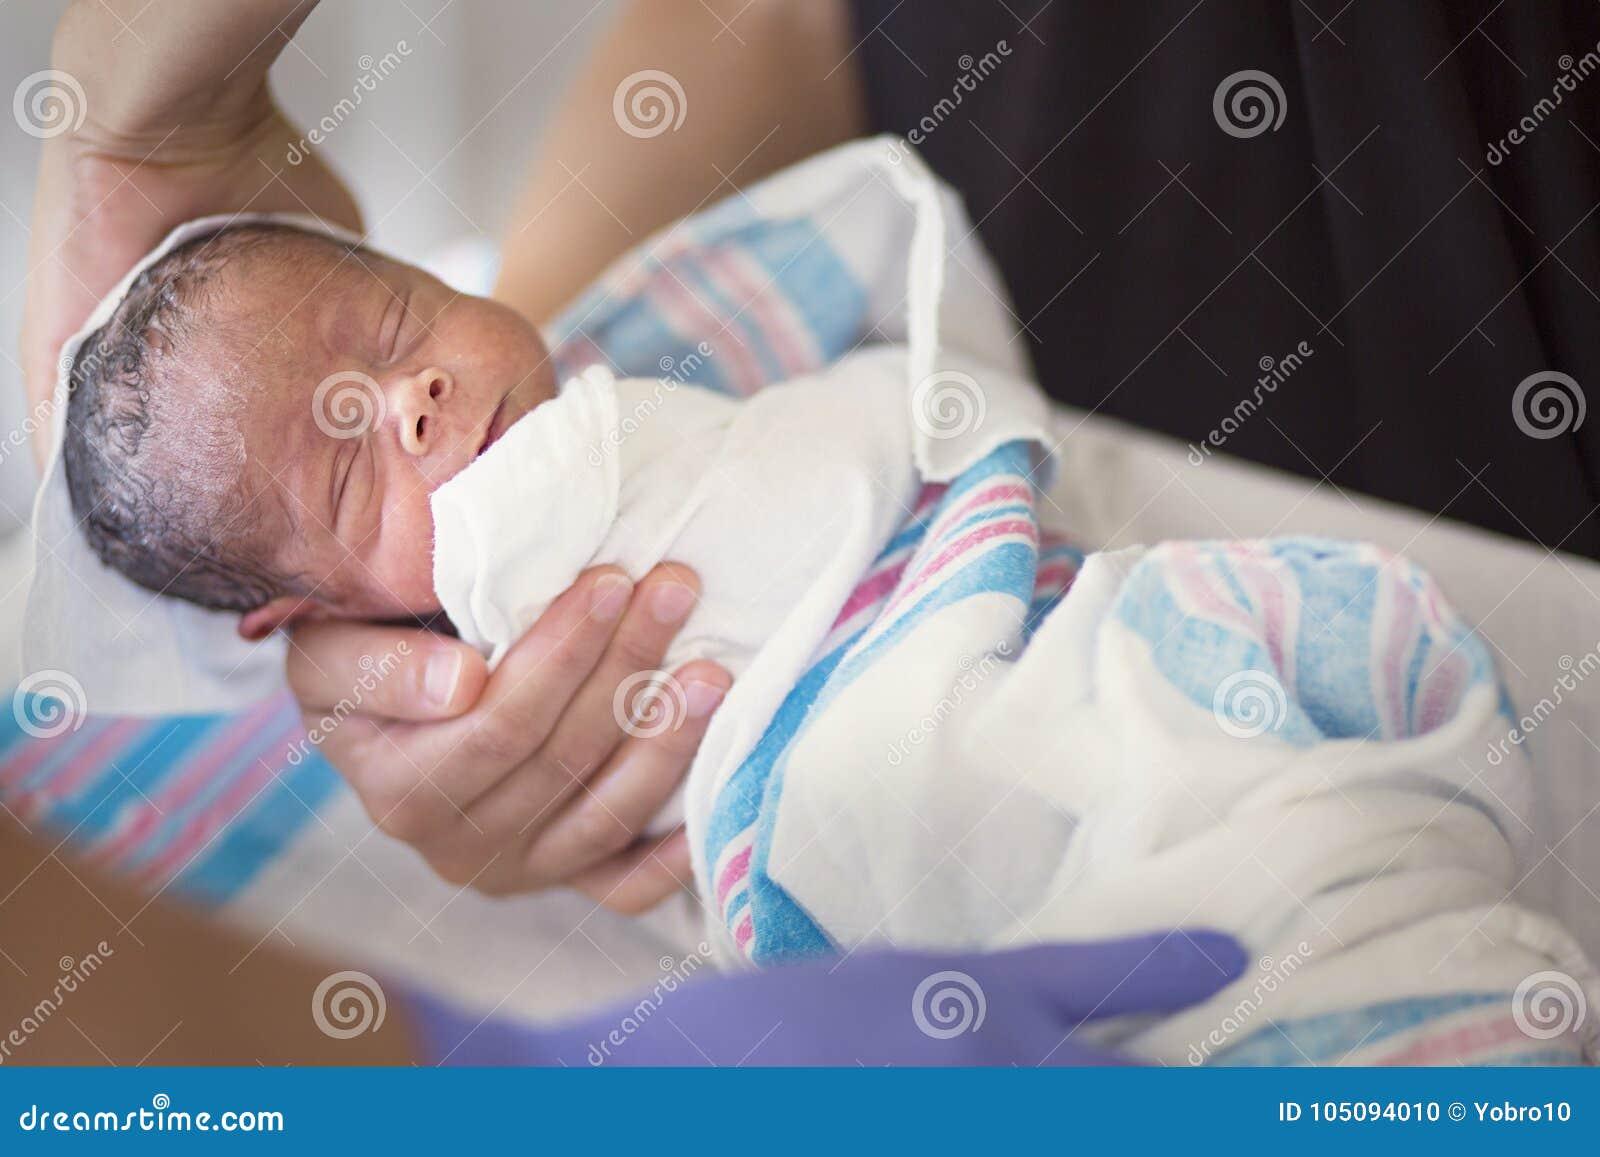 💃tecnica di fare il bagno a un neonato